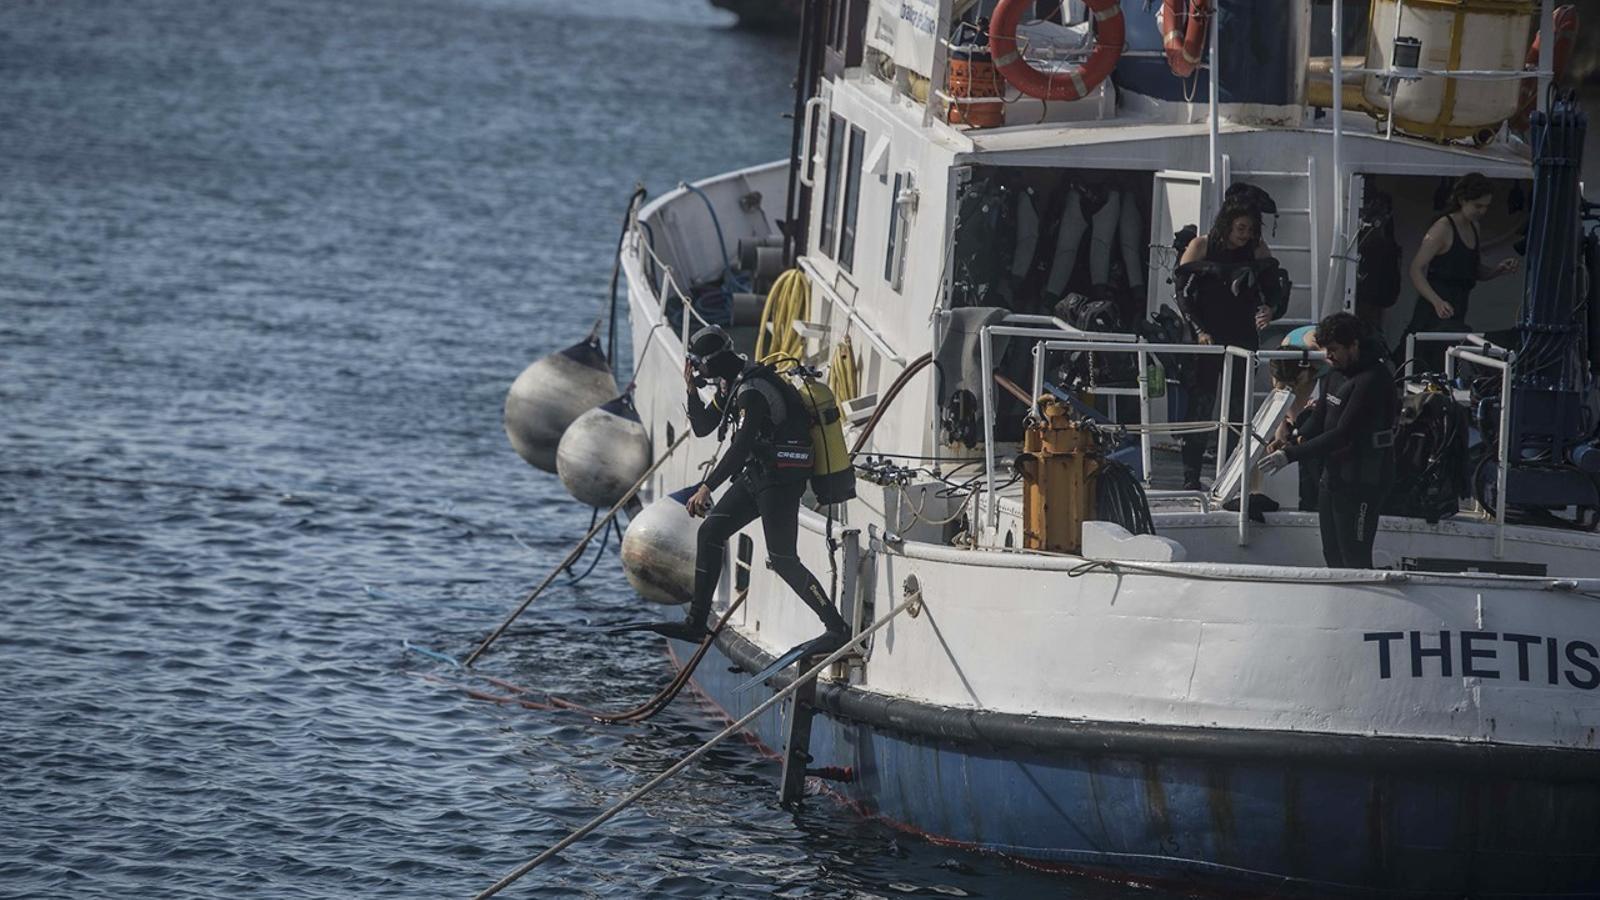 L'embarcació 'Thetis' i el grup subaquàtic han fet un gran treball durant tot el mes obtenint el premi final de la troballa.